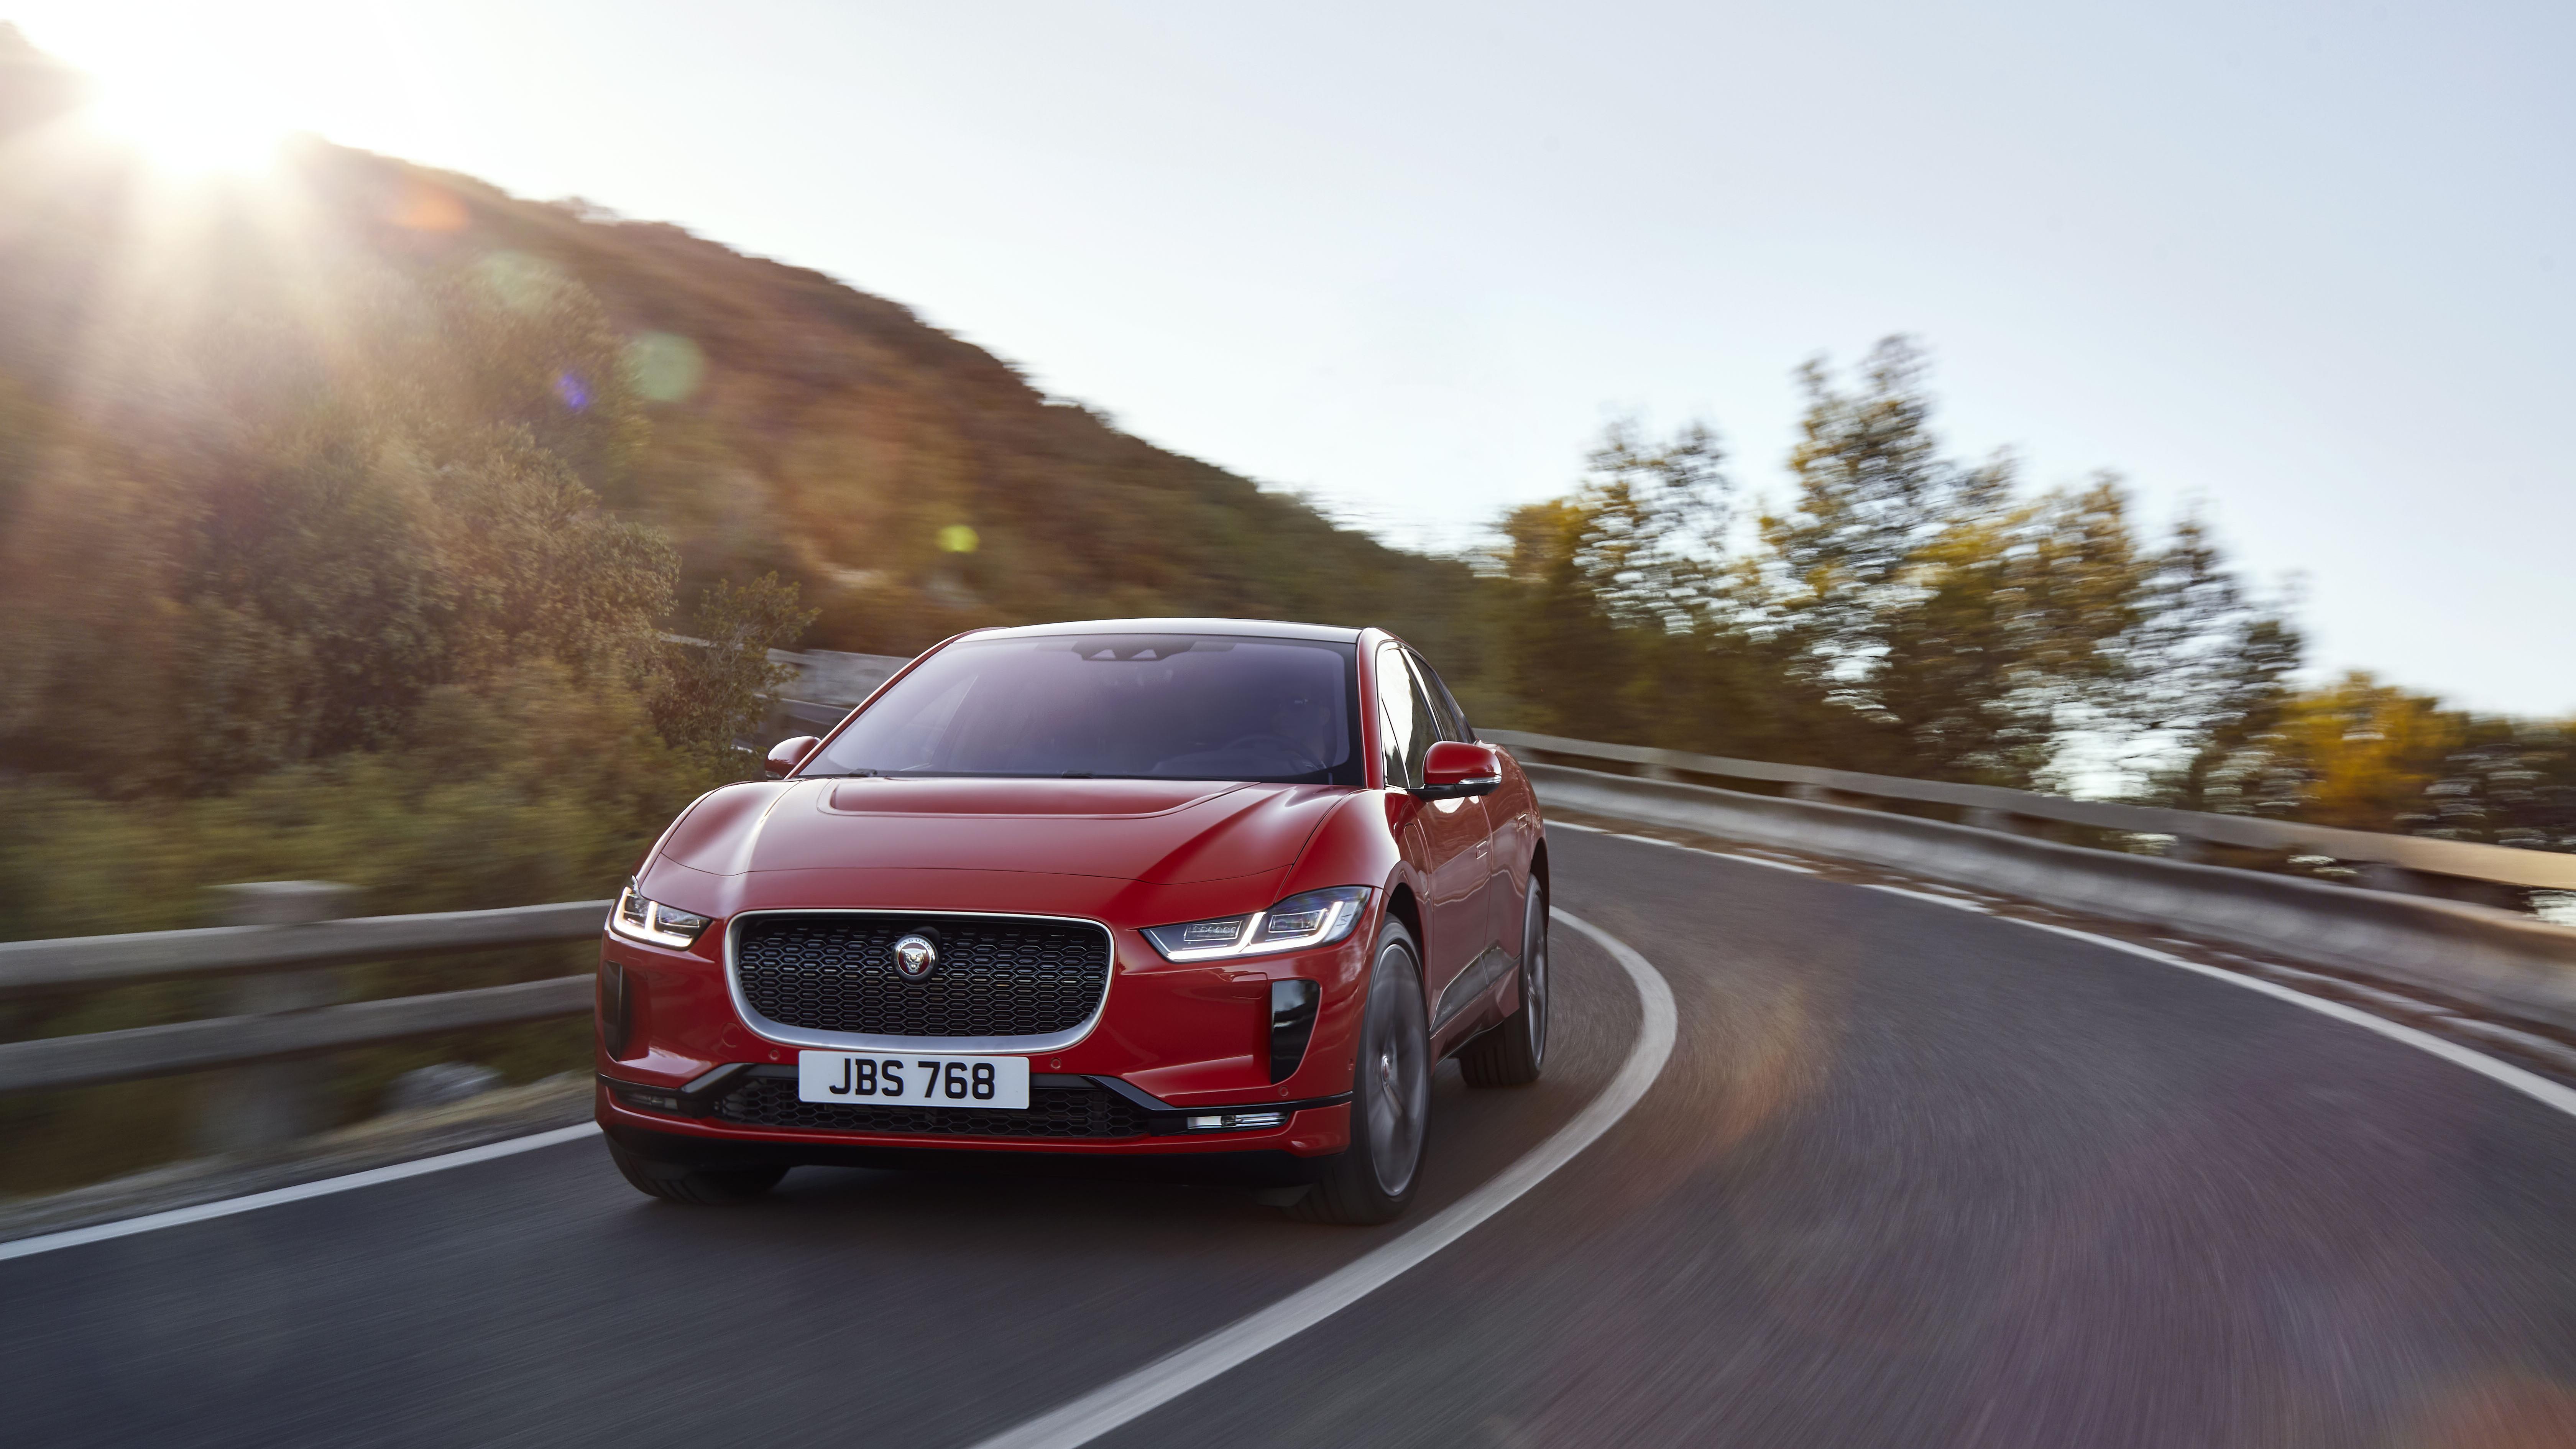 2018 Jaguar I-Pace electric SUV.